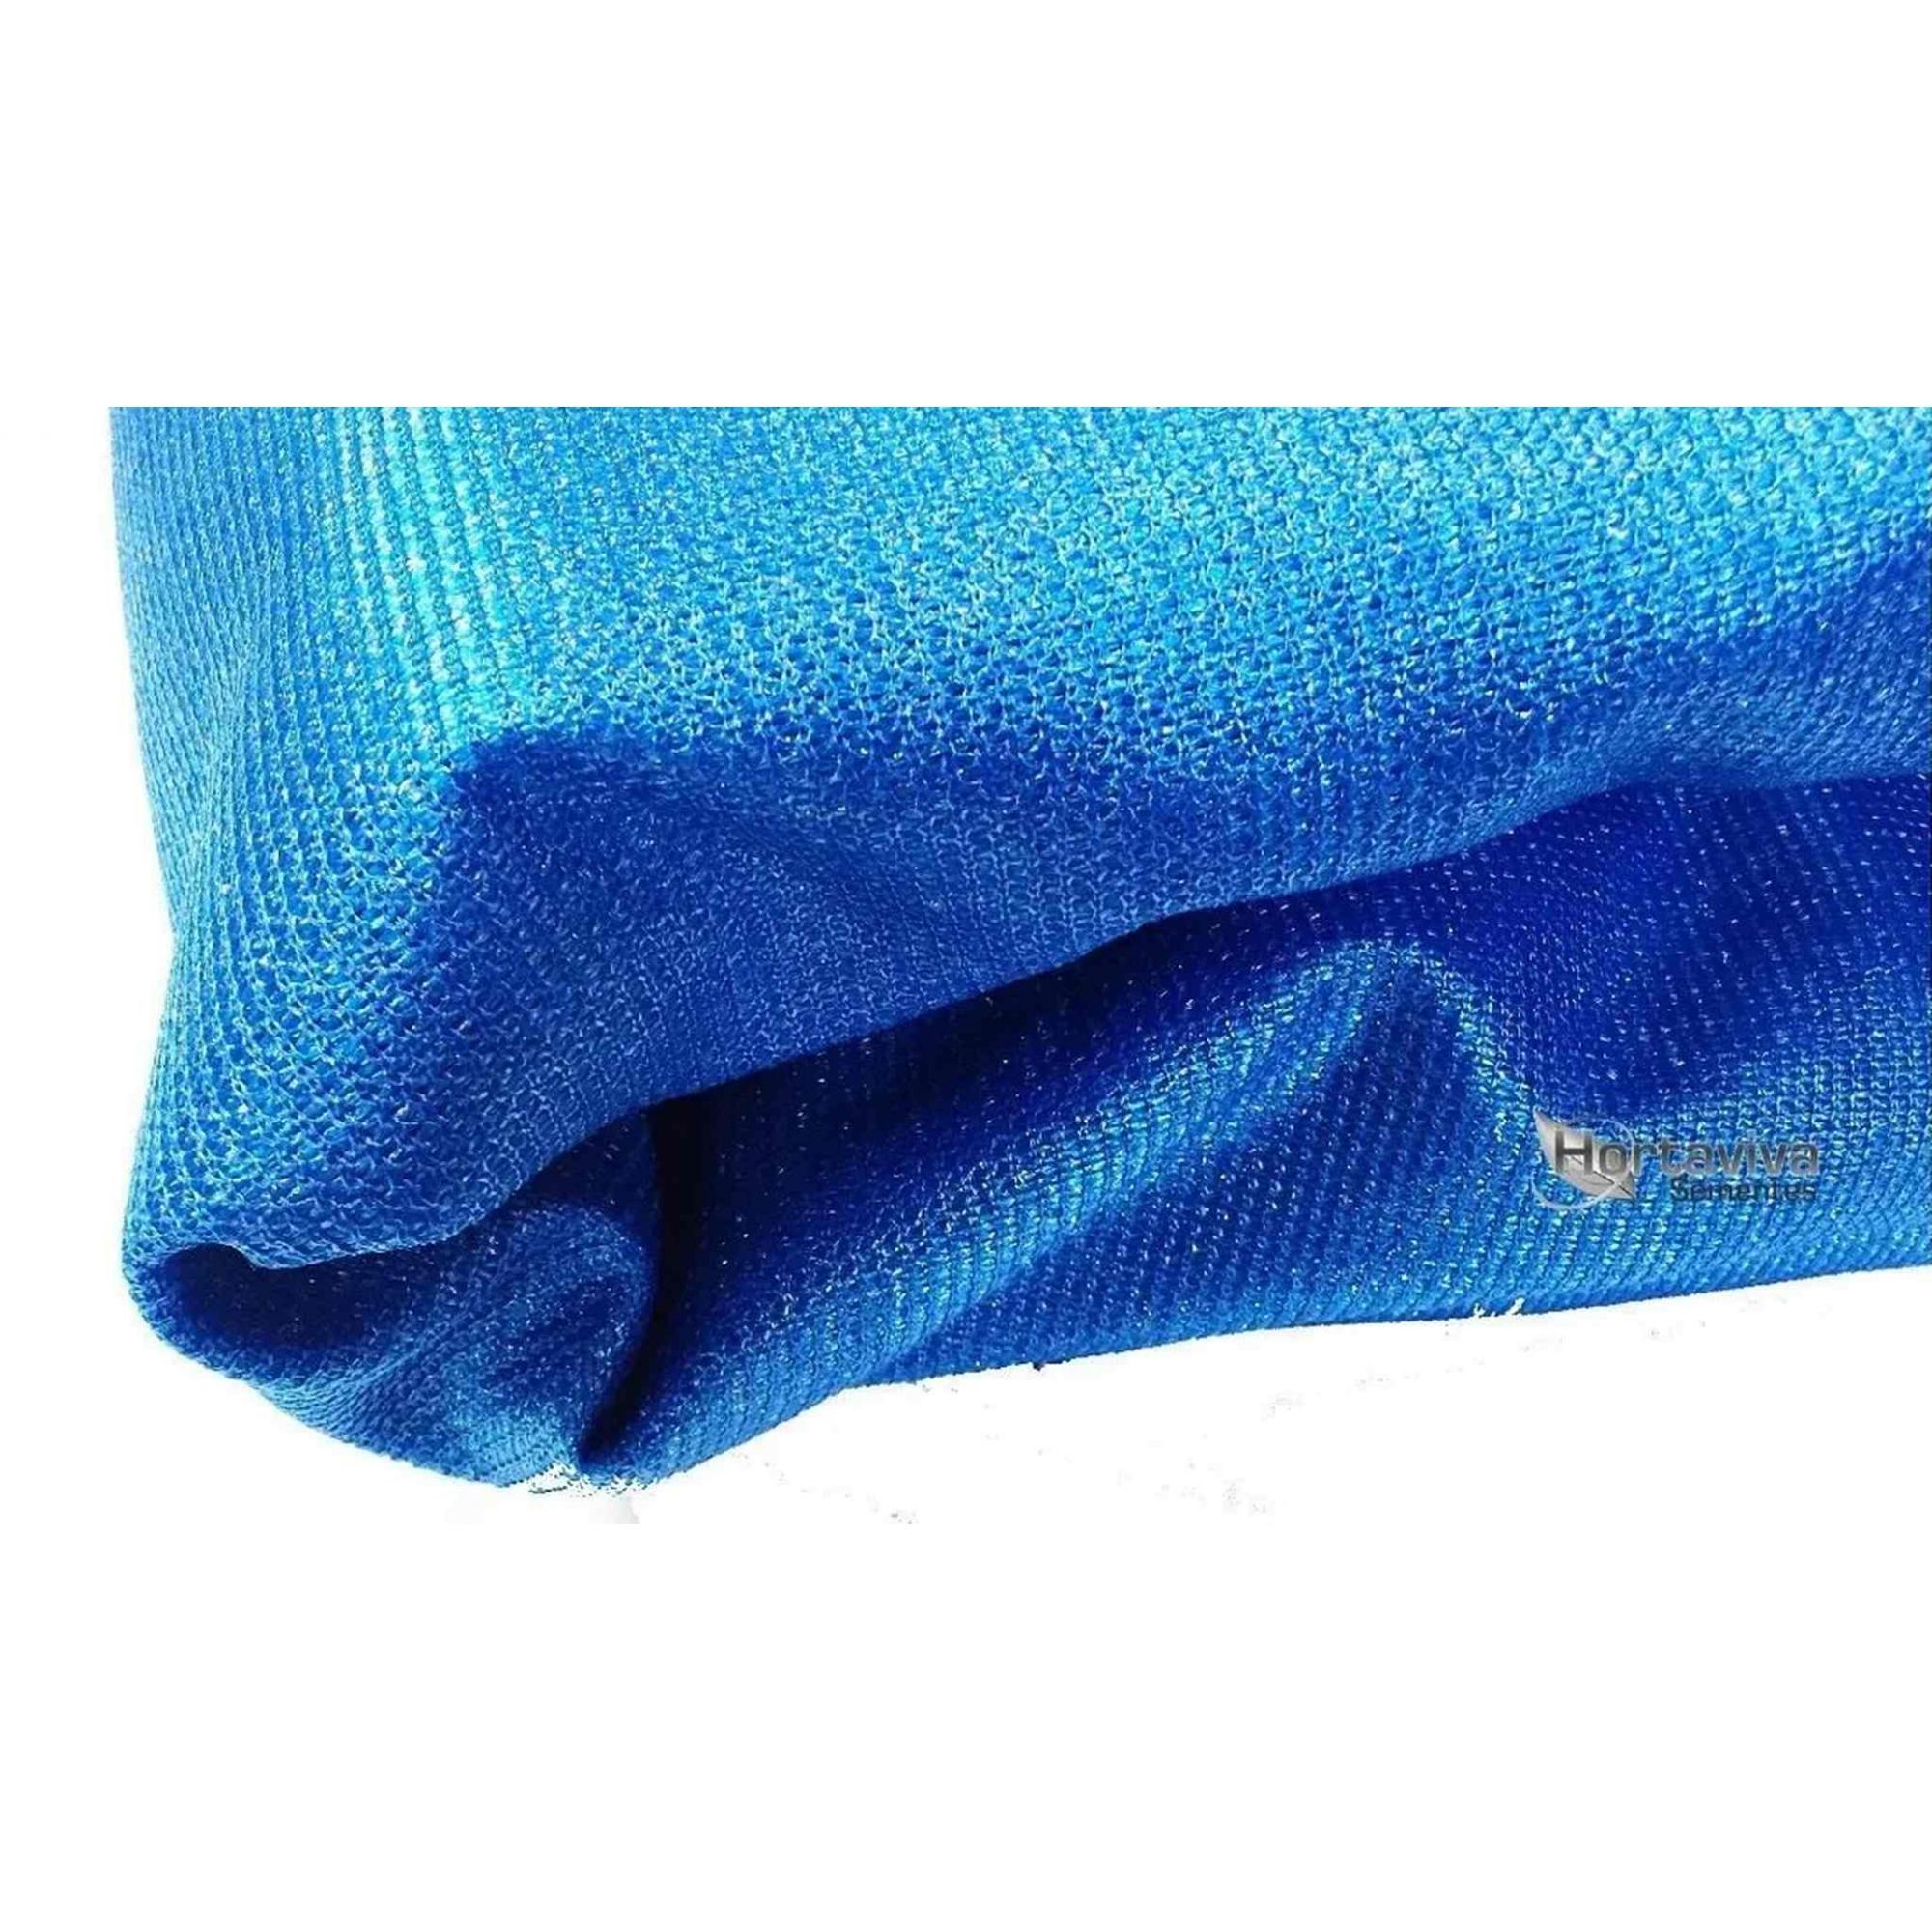 Tela De Sombreamento Decorativa Azul 90% - 5,2 Metros X 50 Metros